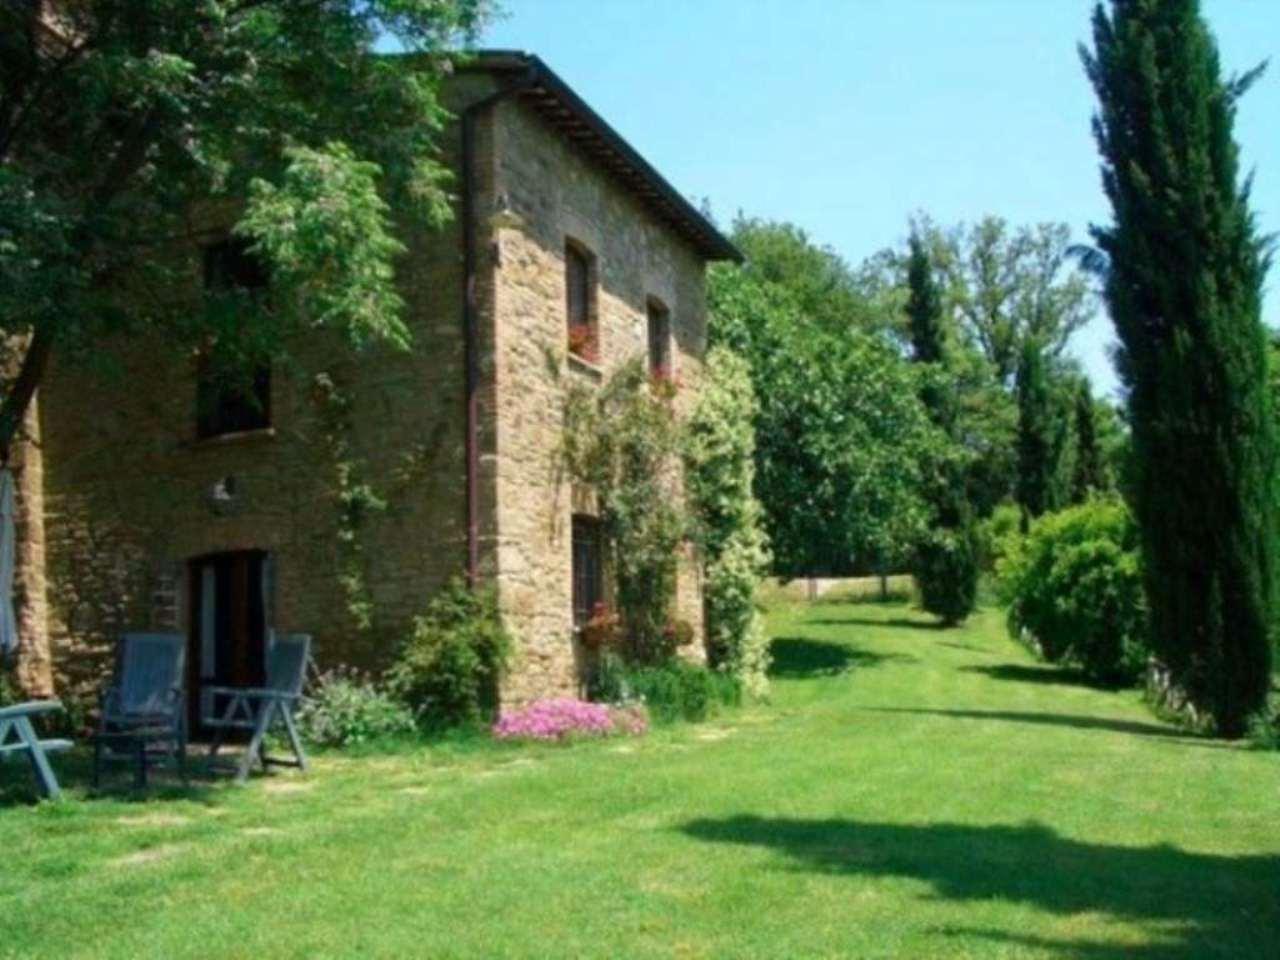 Rustico / Casale in vendita a Orvieto, 9999 locali, prezzo € 980.000 | CambioCasa.it